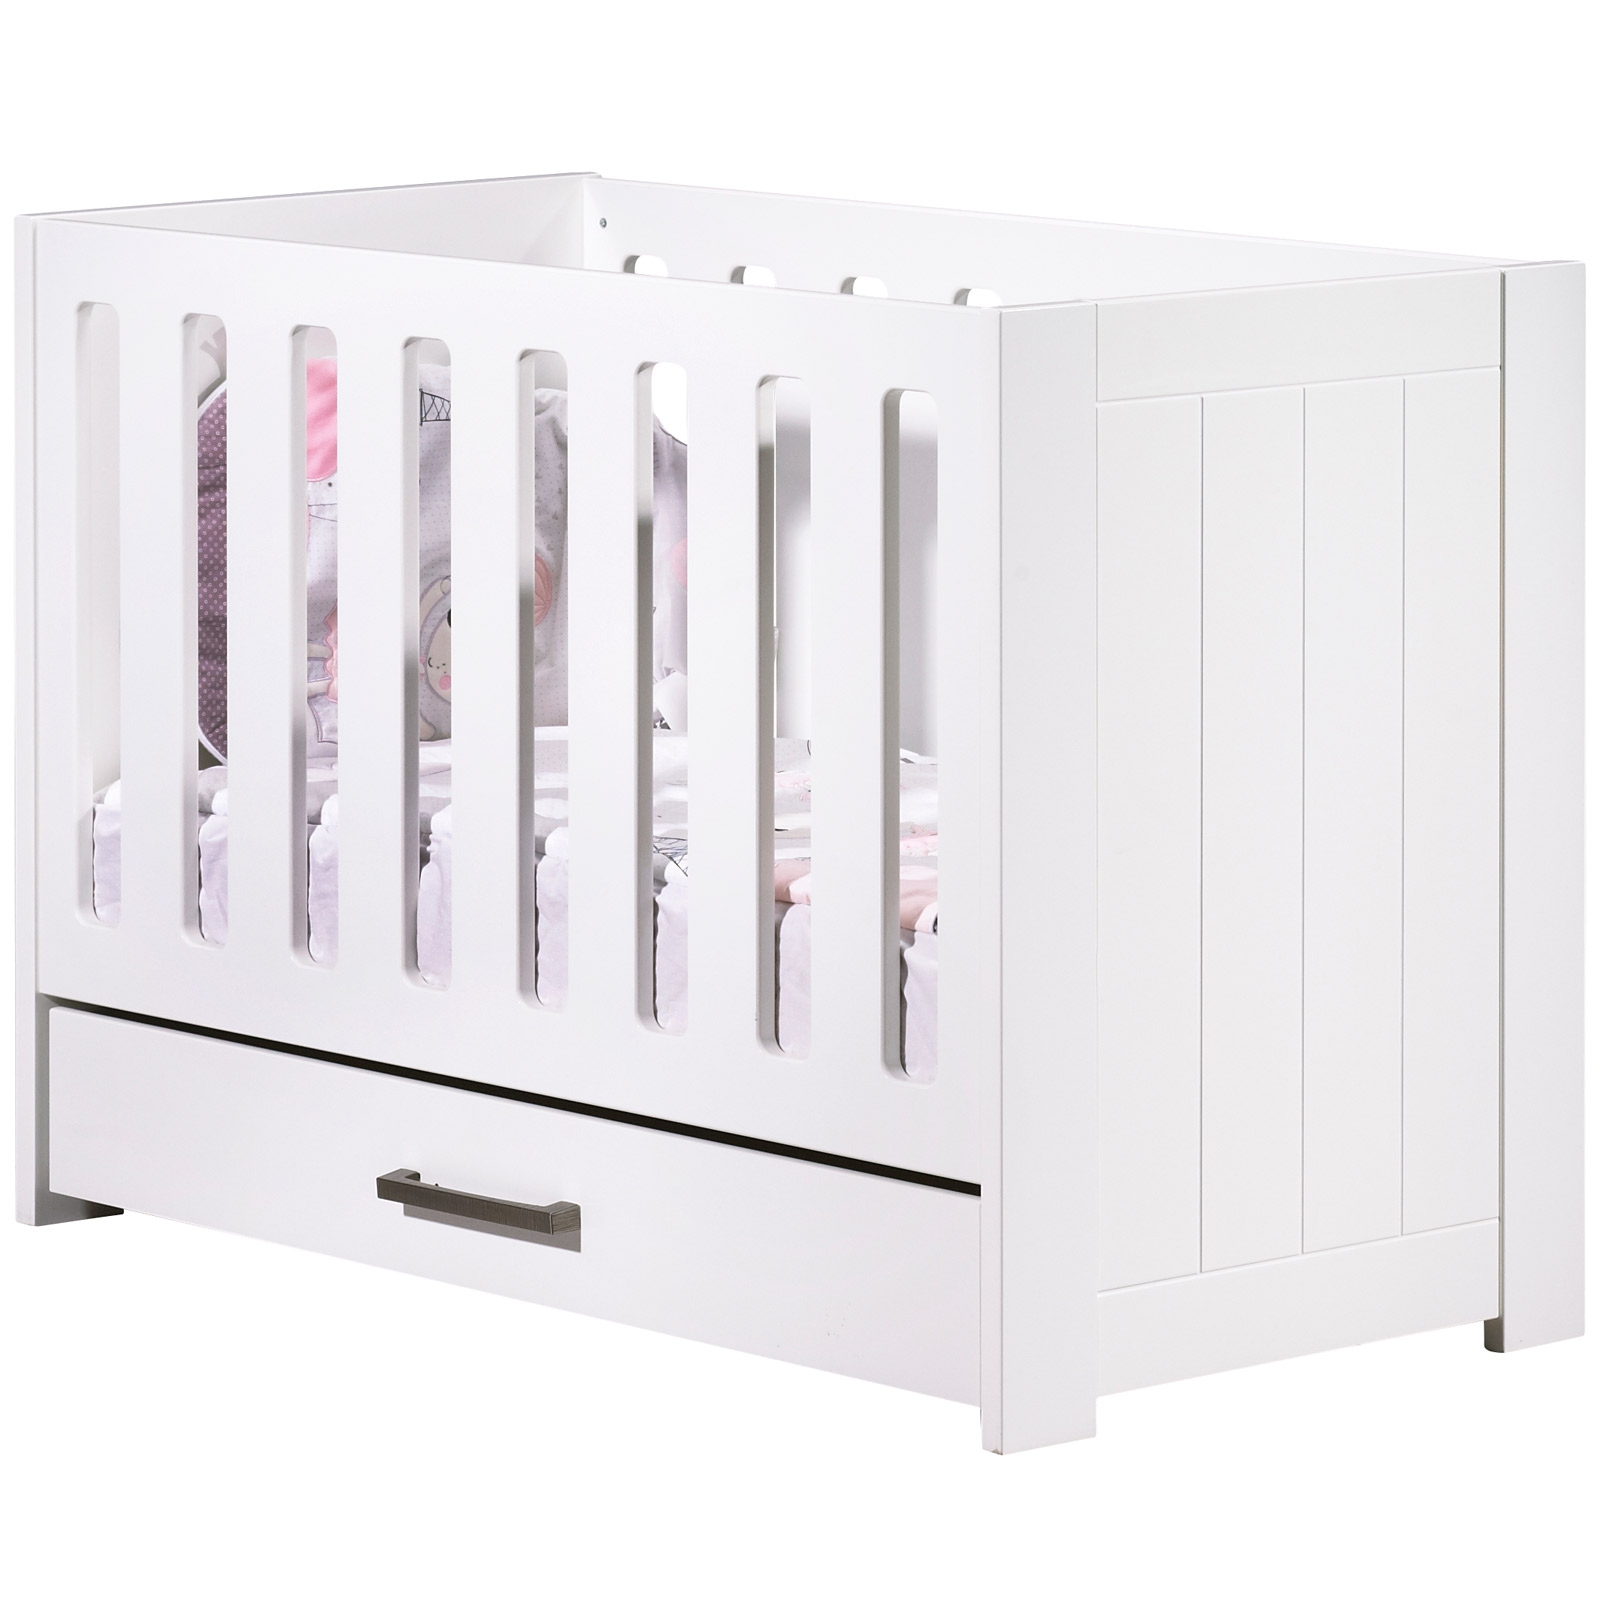 berceau lit a barreaux deauville avec son tiroir 60 x. Black Bedroom Furniture Sets. Home Design Ideas